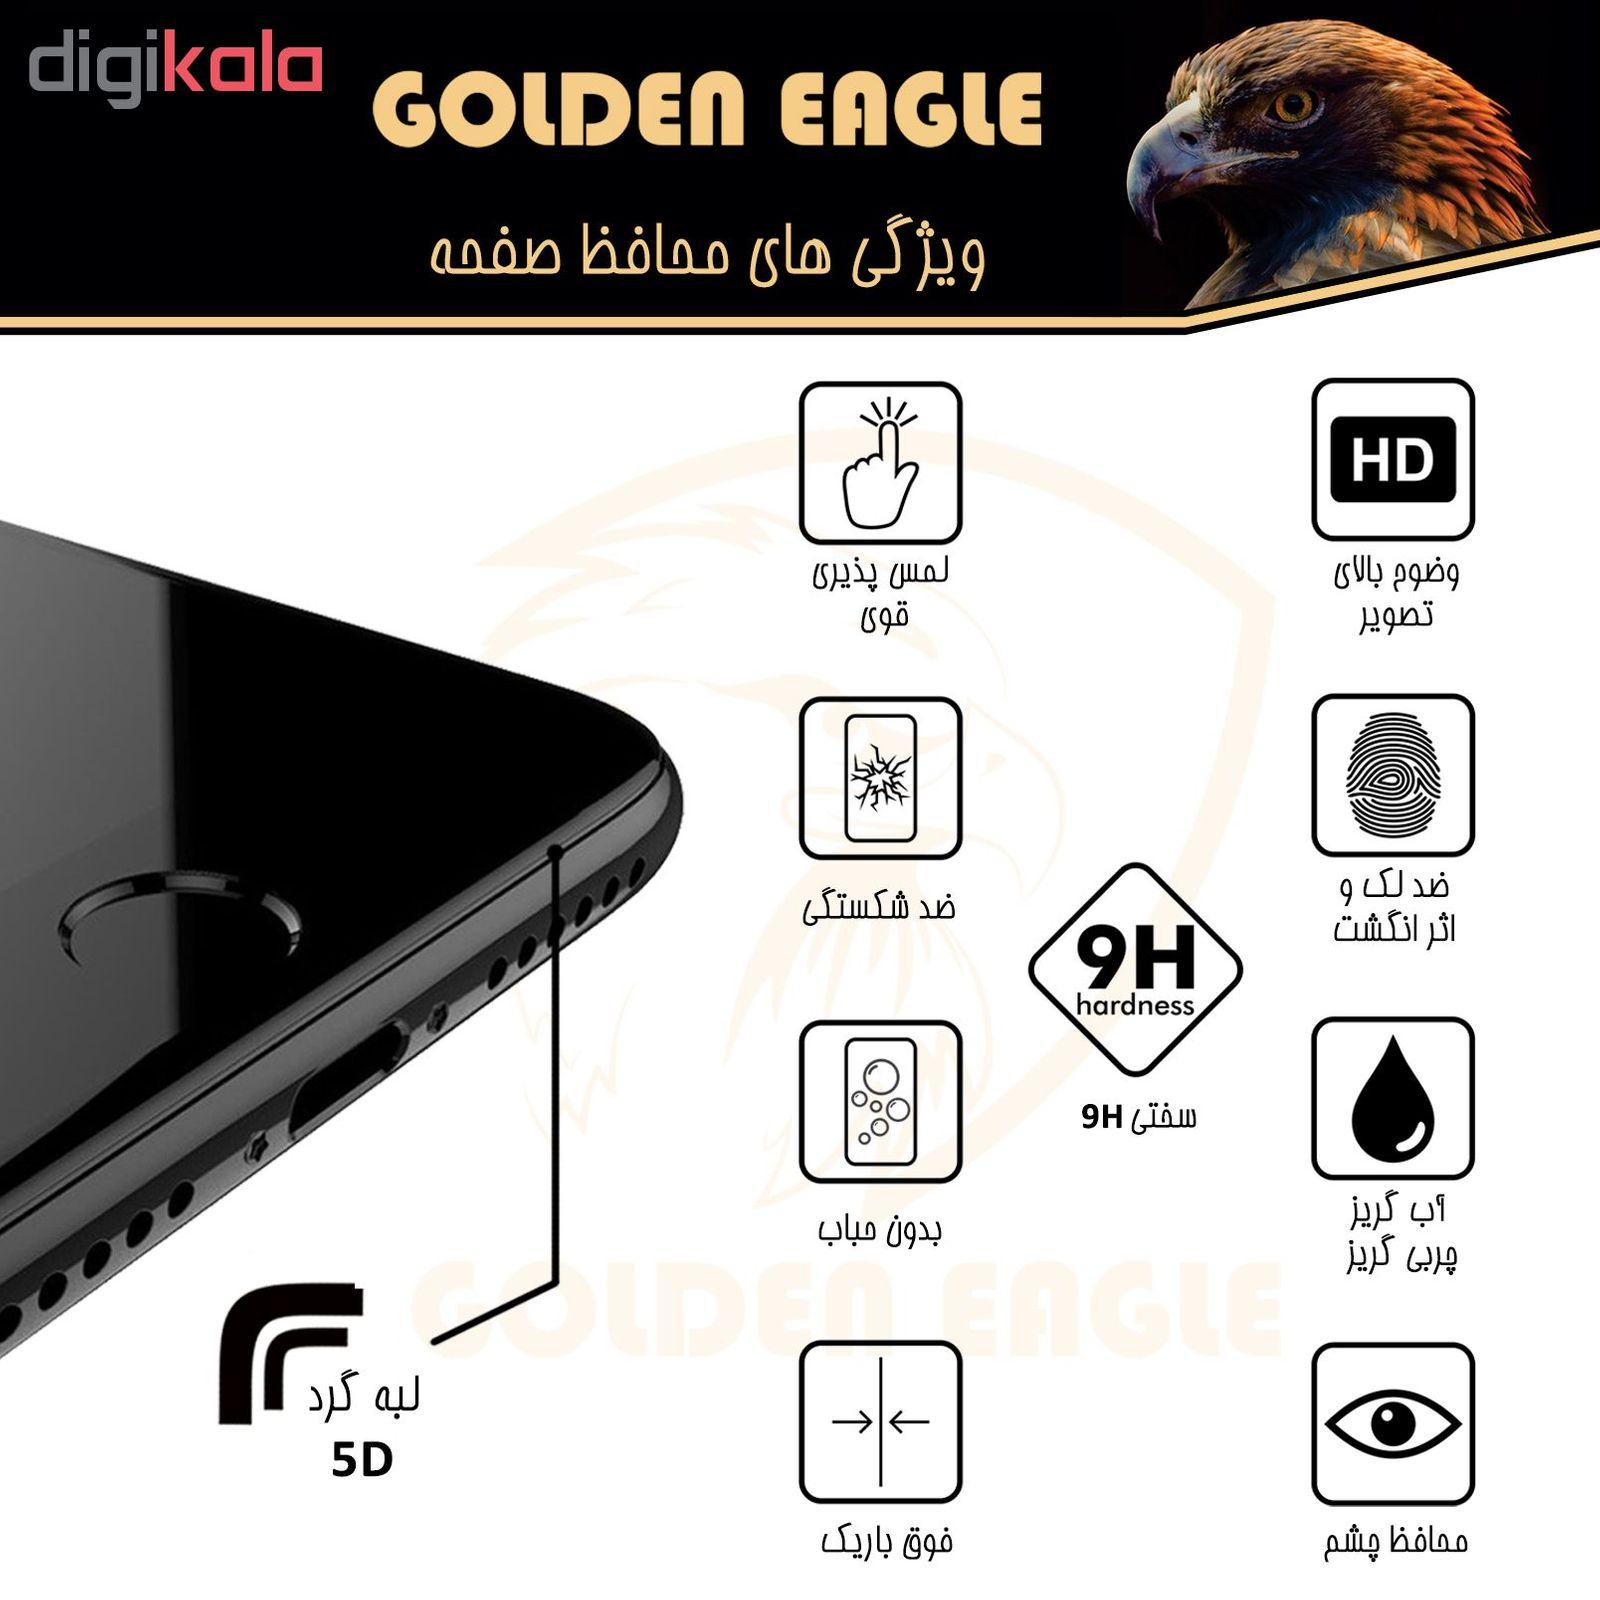 محافظ صفحه نمایش گلدن ایگل مدل DFC-X2 مناسب برای گوشی موبایل سامسونگ Galaxy A7 2017 بسته دو عددی main 1 4